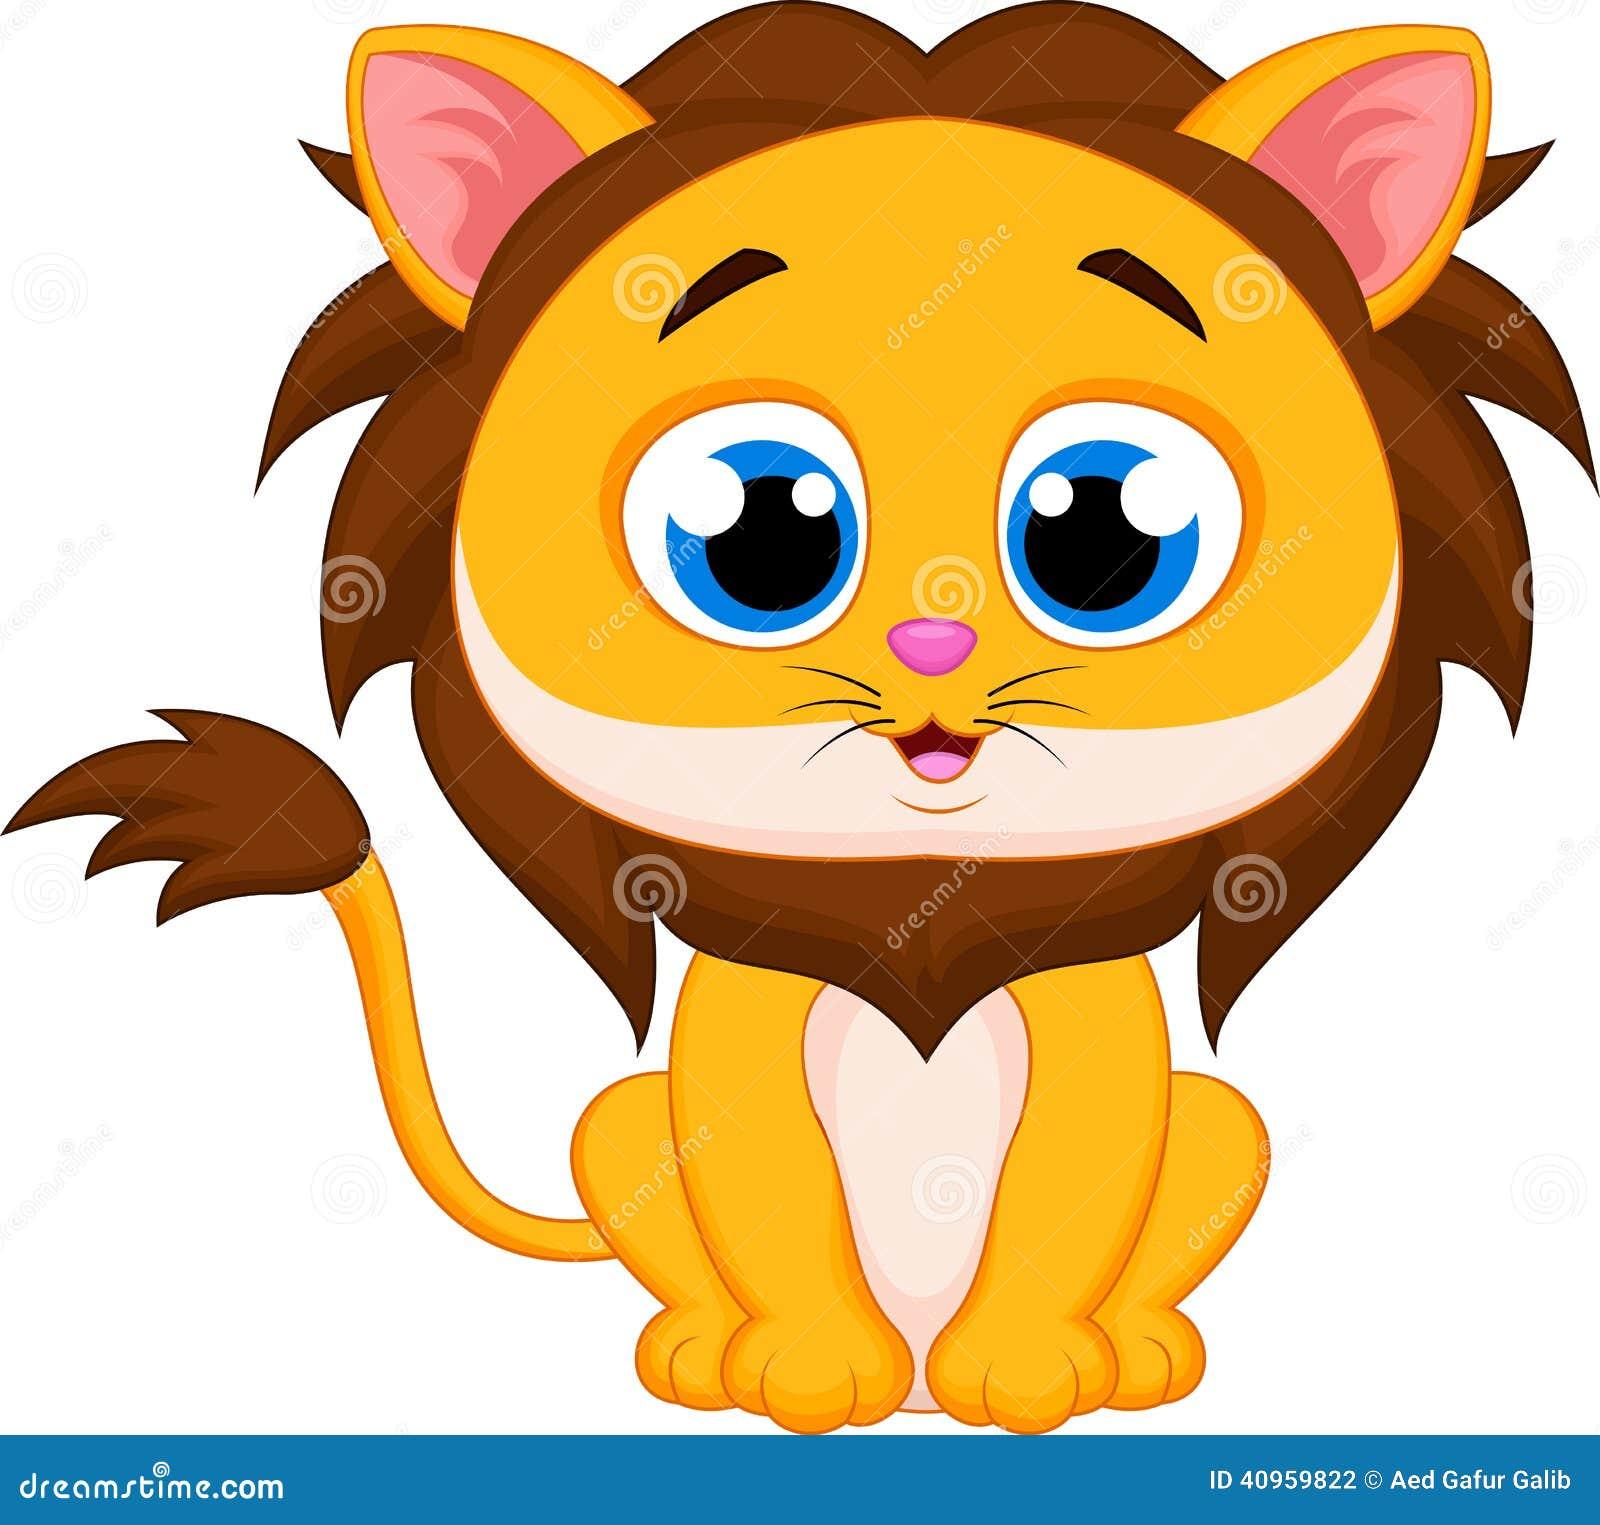 Populaire Dessin Animé Mignon De Lion Illustration de Vecteur - Image: 40959822 DT91